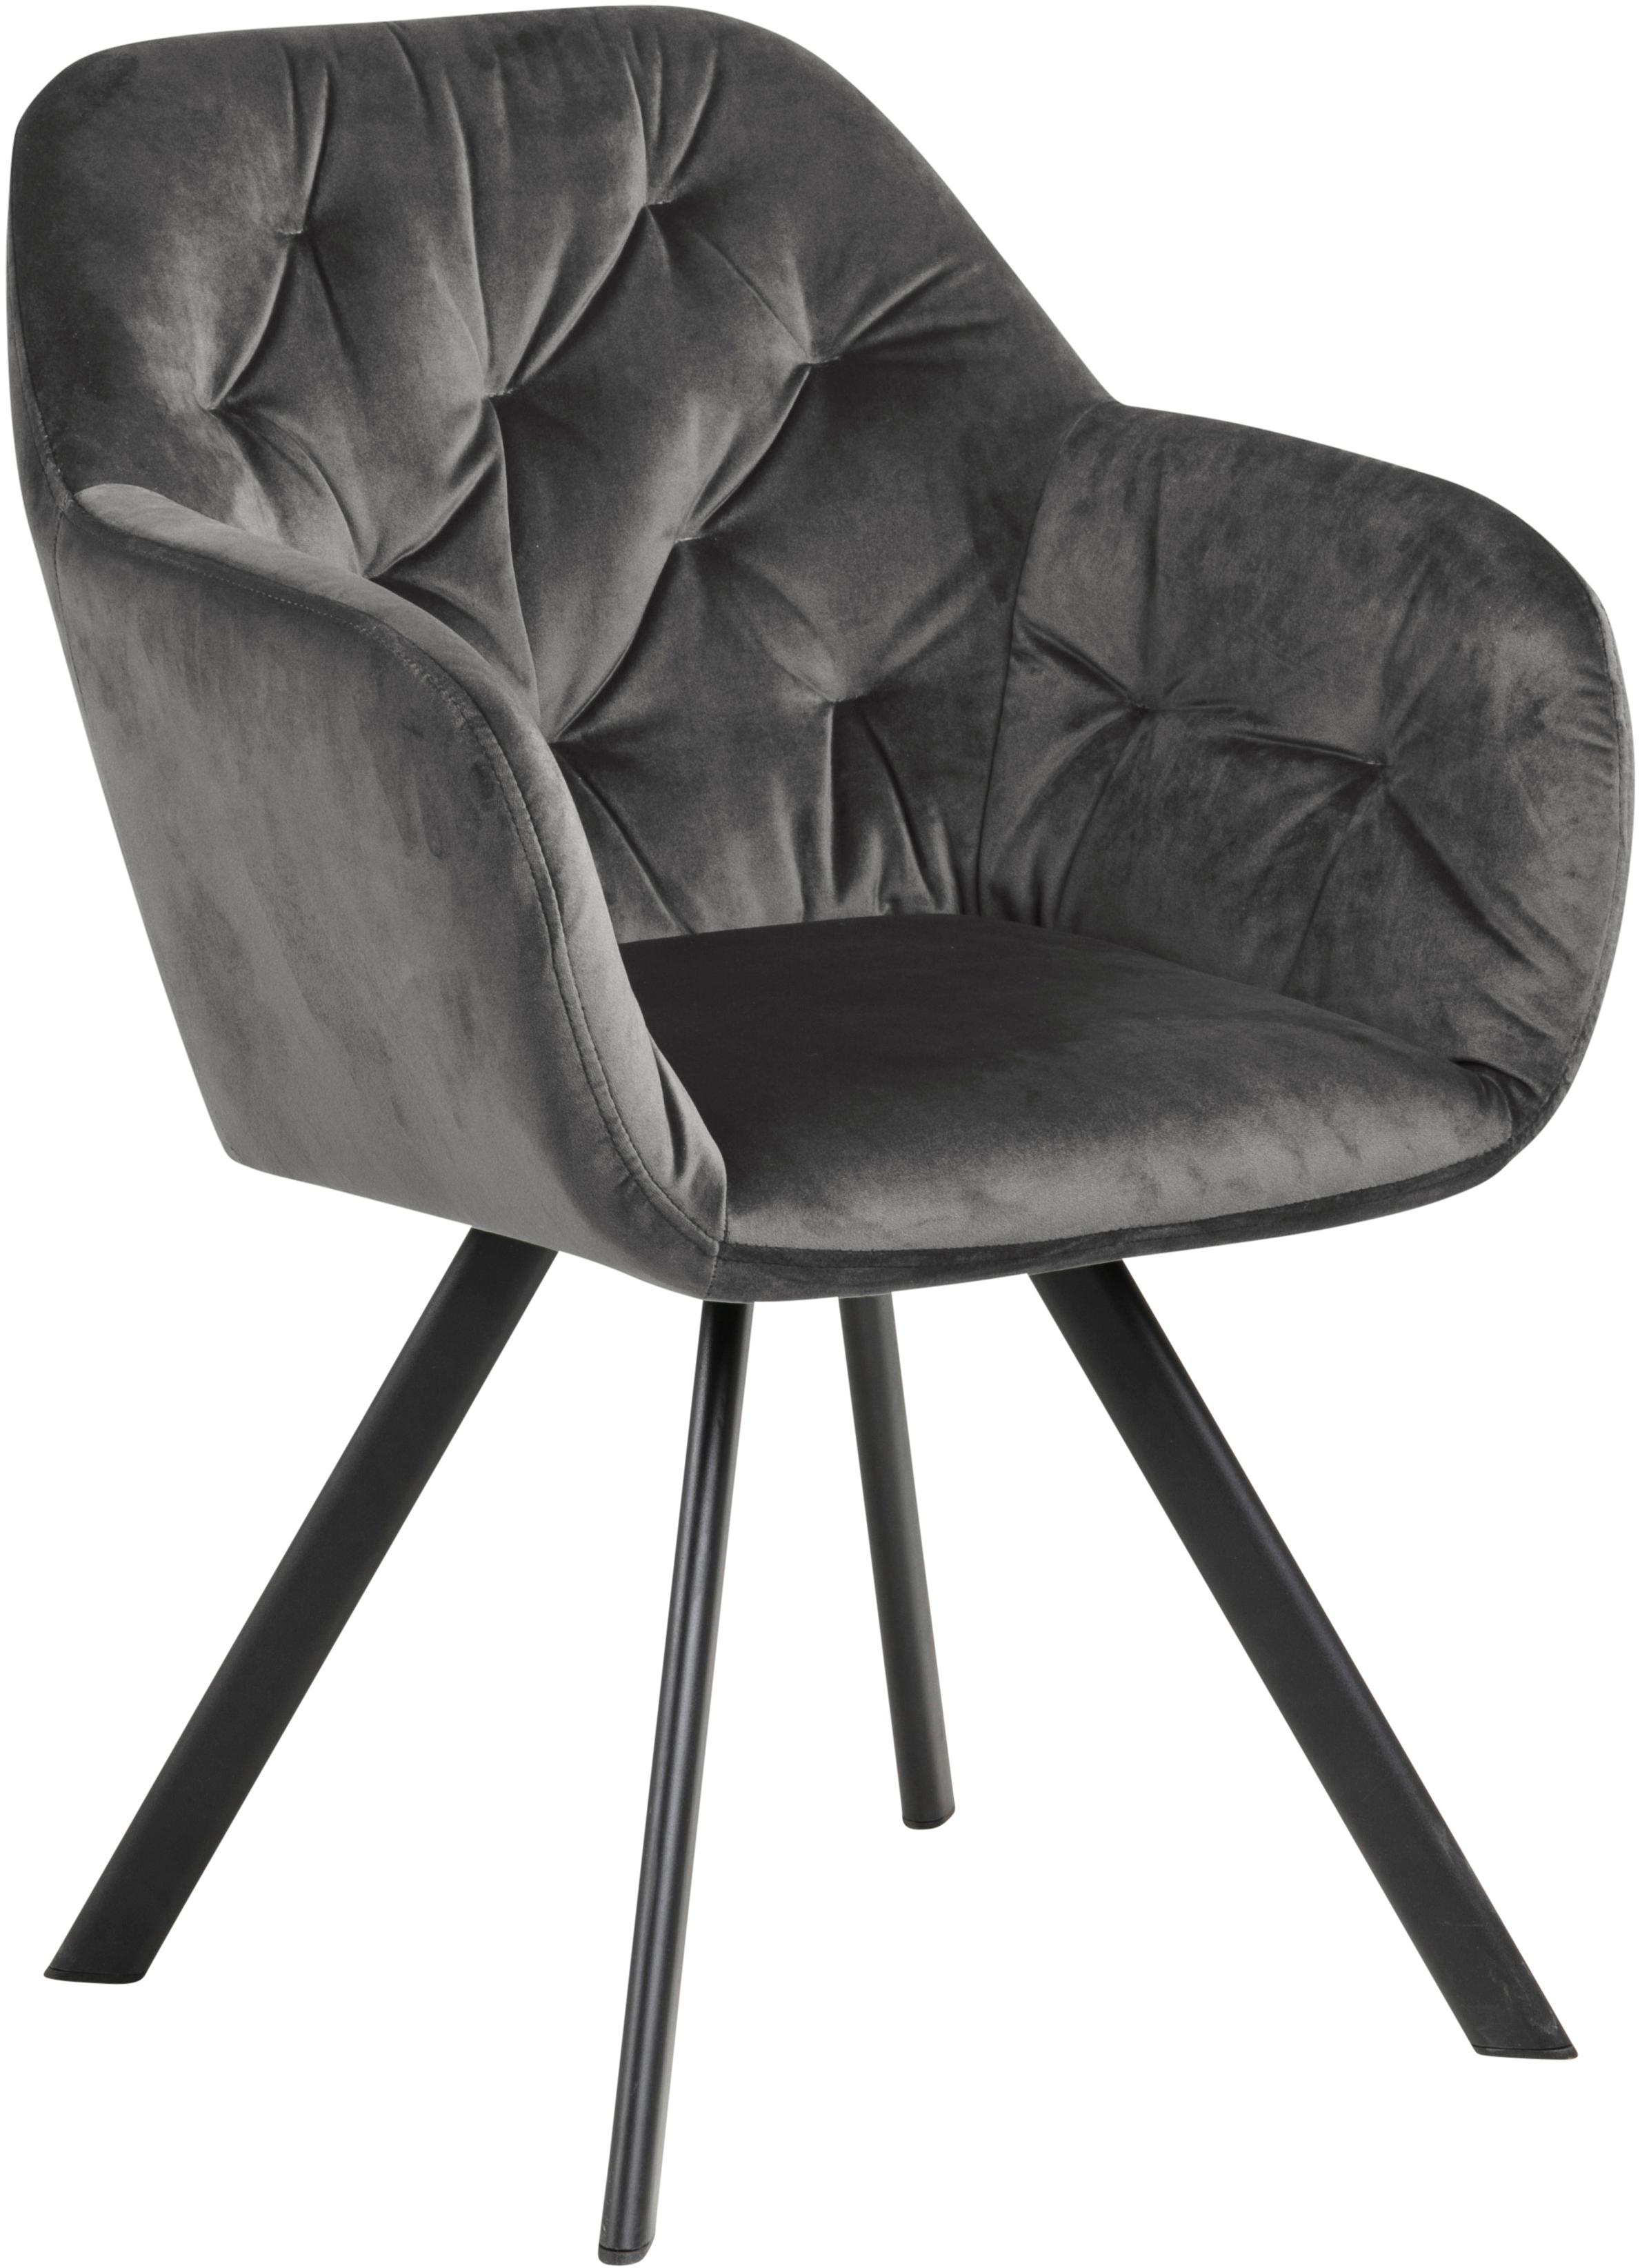 Fluwelen armstoel Lola, Polyester fluweel, metaal, Donkergrijs, zwart, B 58 x D 62 cm